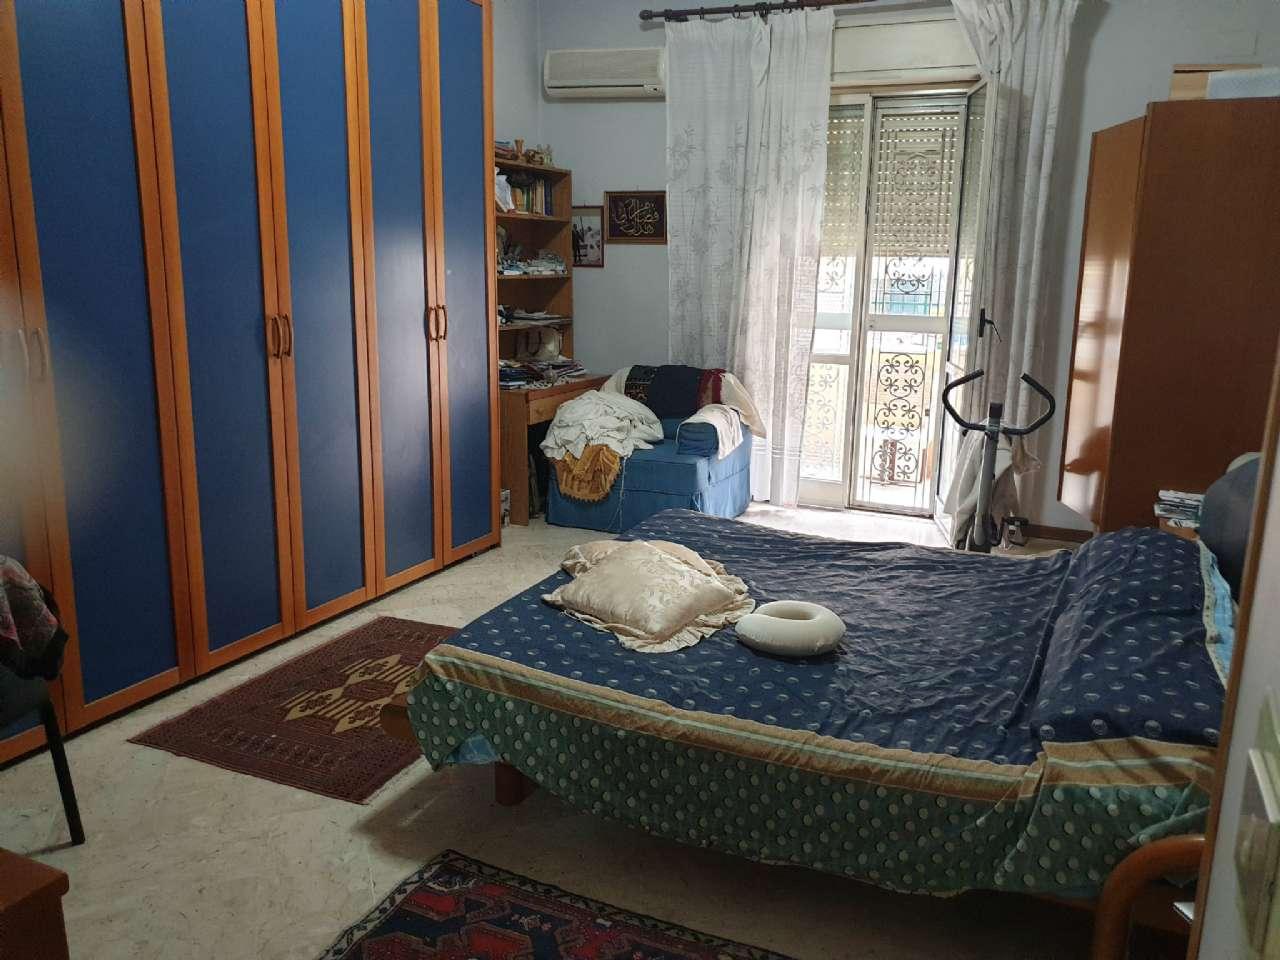 Trilocale, Via Lo Monaco Ciaccio Antonino, Zona Uditore, Palermo, foto 7